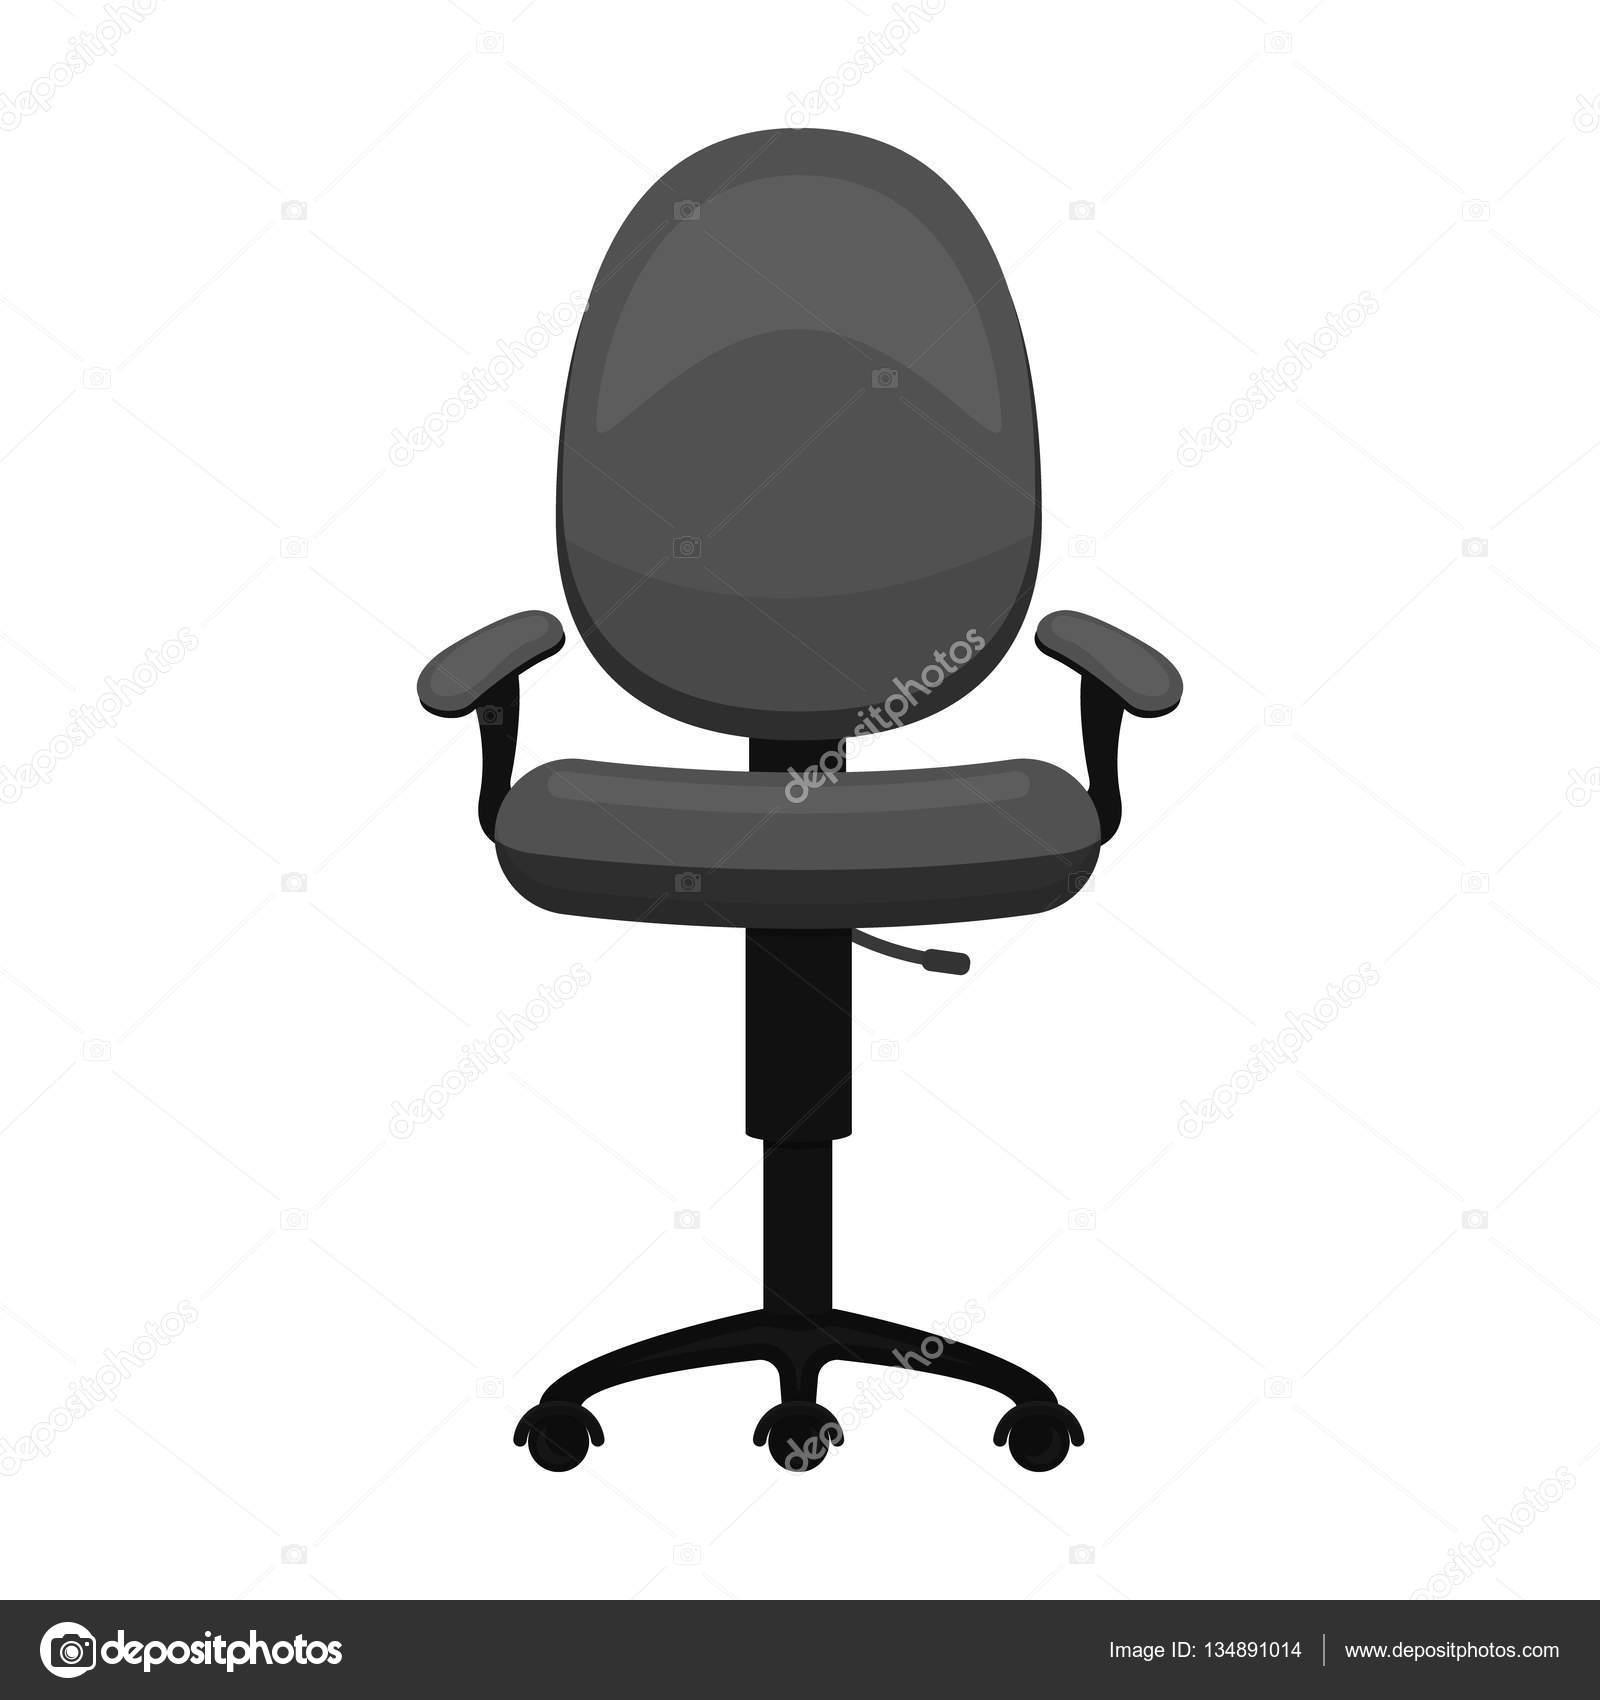 Poltrona Ufficio In Stile.Icona Poltrona Ufficio In Stile Monocromatico Isolato Su Priorita